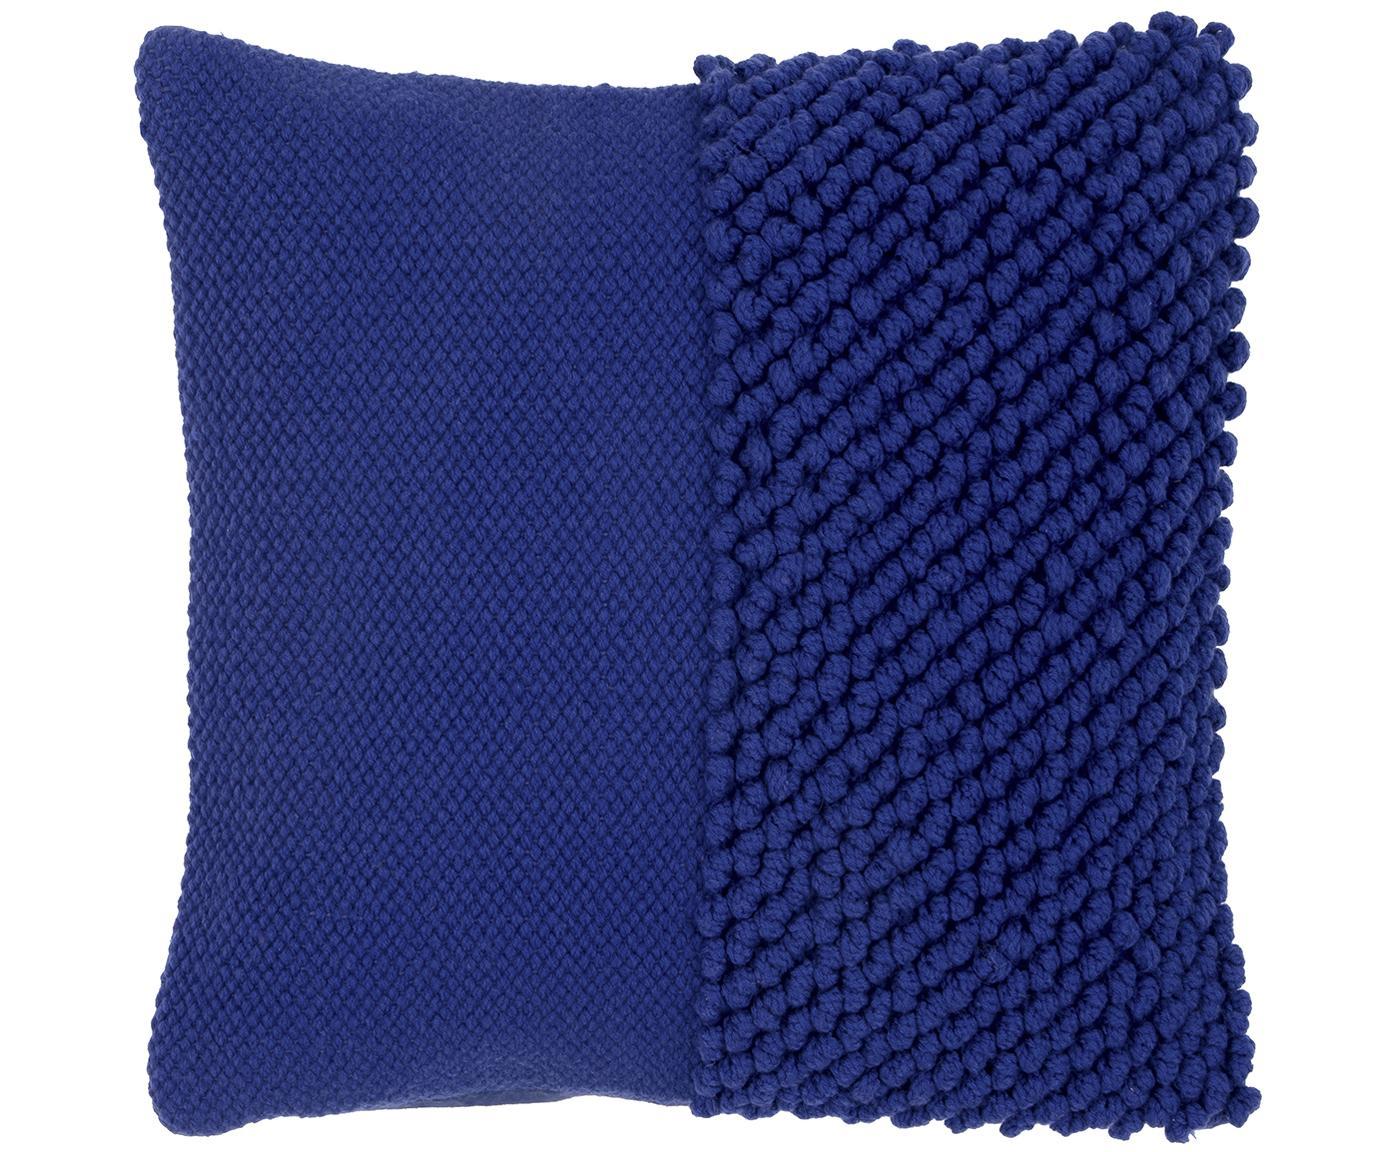 Poszewka na poduszkę Andi, 90% akryl, 10% bawełna, Niebieski, S 40 x D 40 cm